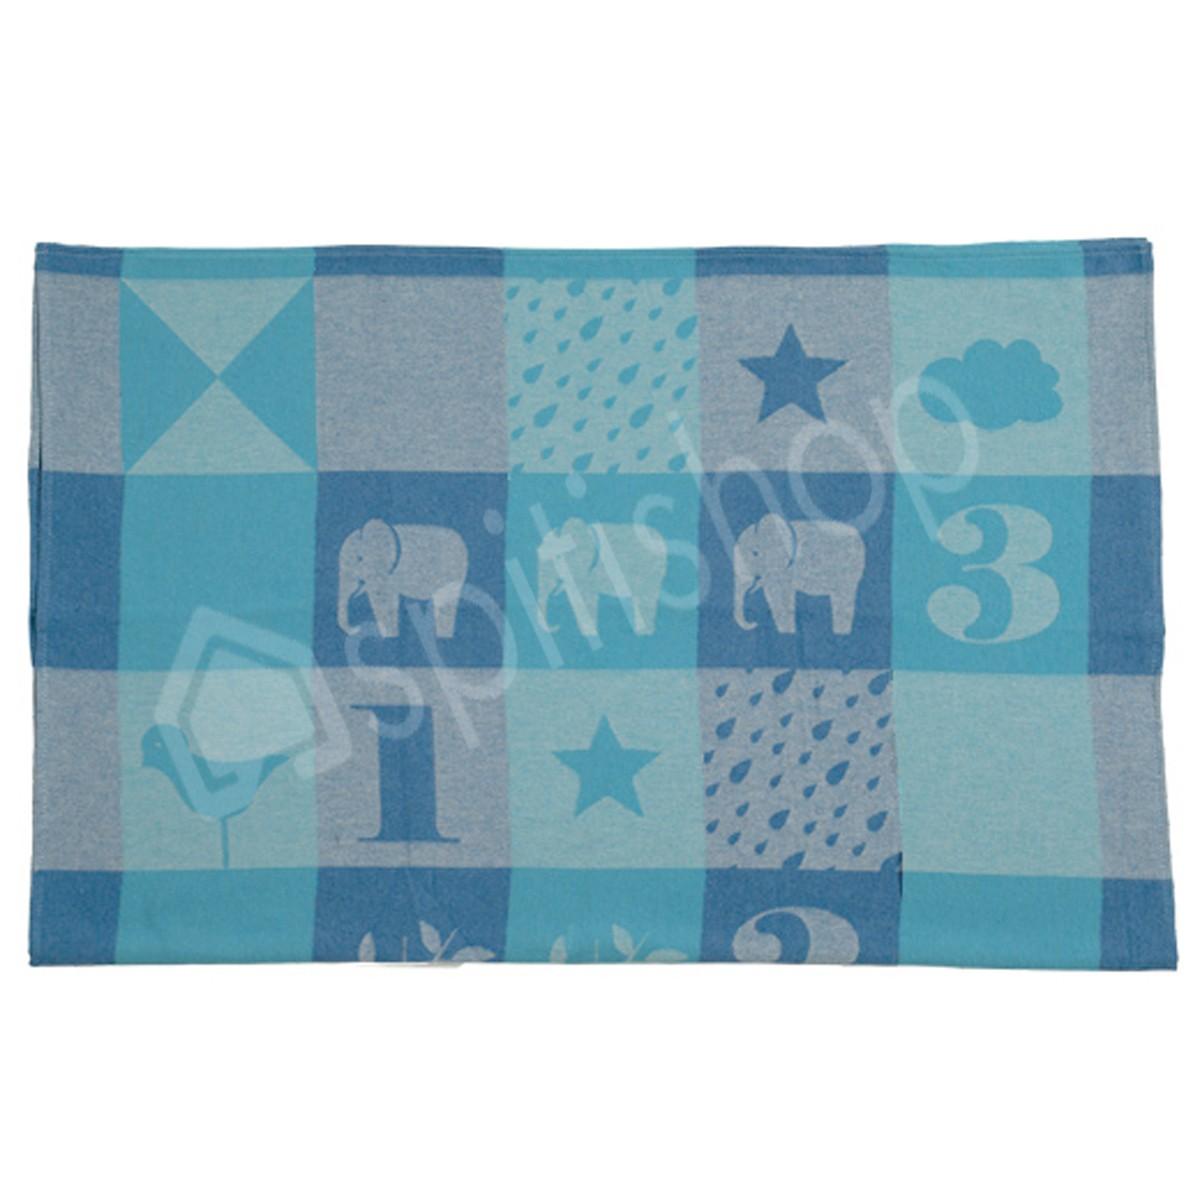 Κουβέρτα Fleece Κούνιας David Fussenegger Ida 2810/25 home   βρεφικά   κουβέρτες βρεφικές   κουβέρτες fleece